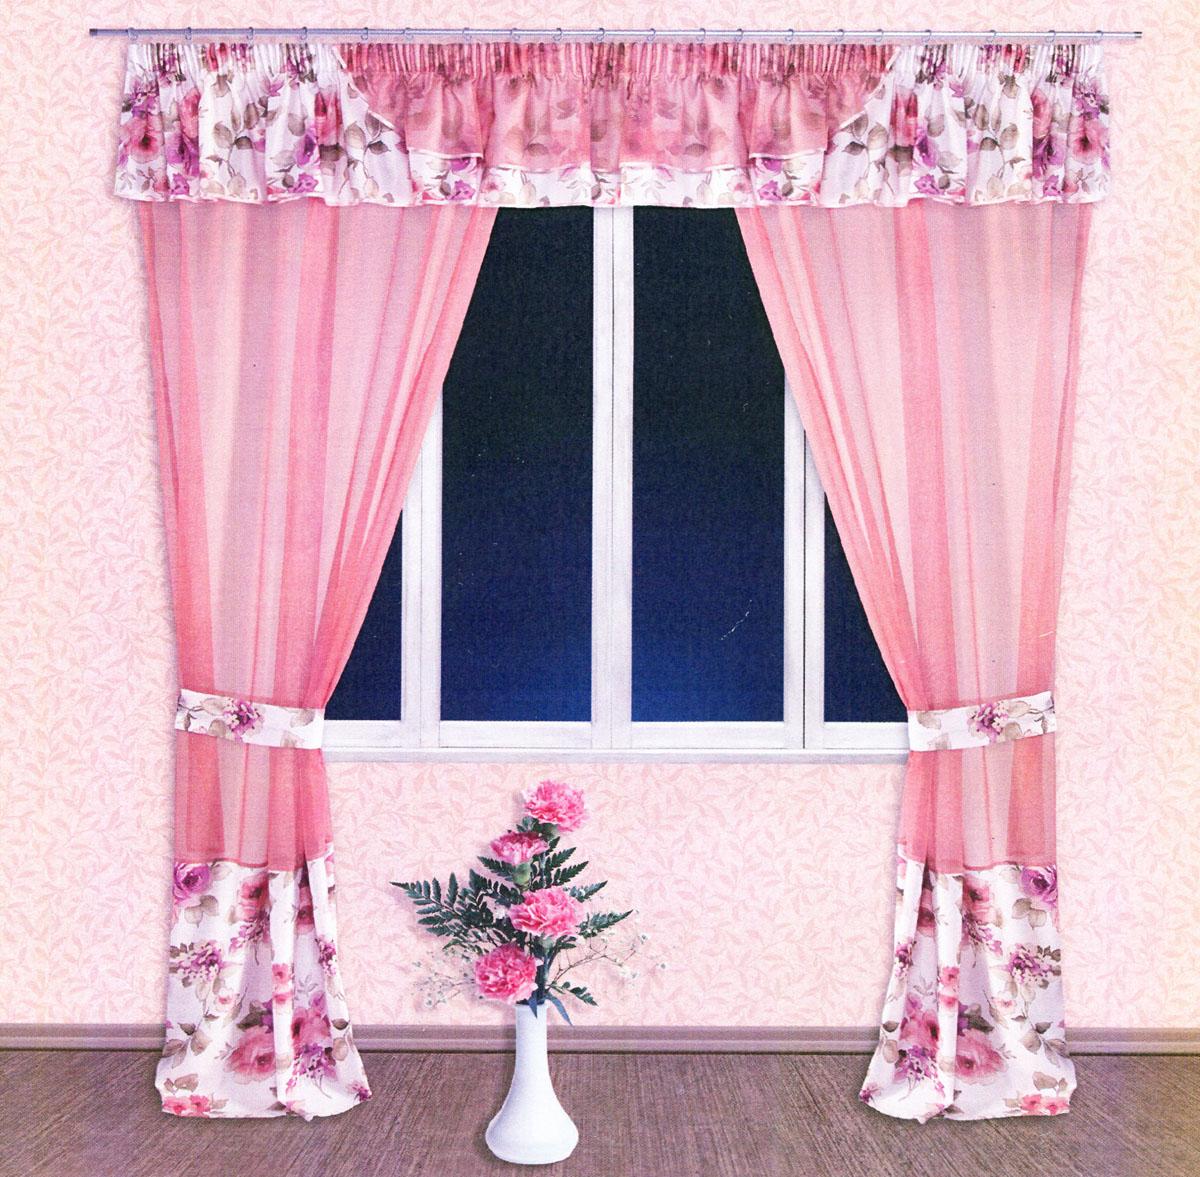 Комплект штор Zlata Korunka, на ленте, цвет: персиковый, белый, сиреневый, высота 250 см. 55527SVC-300Роскошный комплект тюлевых штор Zlata Korunka, выполненный из вуали и сатина (100% полиэстера), великолепно украсит любое окно. Комплект состоит из двух штор, ламбрекена и двух подхватов. Полупрозрачная ткань, цветочный принт и приятная, приглушенная гамма привлекут к себе внимание и органично впишутся в интерьер помещения. Комплект крепится на карниз при помощи шторной ленты, которая поможет красиво и равномерно задрапировать верх. Шторы можно зафиксировать в одном положении с помощью двух подхватов. Этот комплект будет долгое время радовать вас и вашу семью! В комплект входит: Штора: 2 шт. Размер (ШхВ): 140 см х 250 см. Ламбрекен: 1 шт. Размер (ШхВ): 400 см х 50 см.Подхват: 2 шт. Размер (ШхВ): 60 см х 10 см.